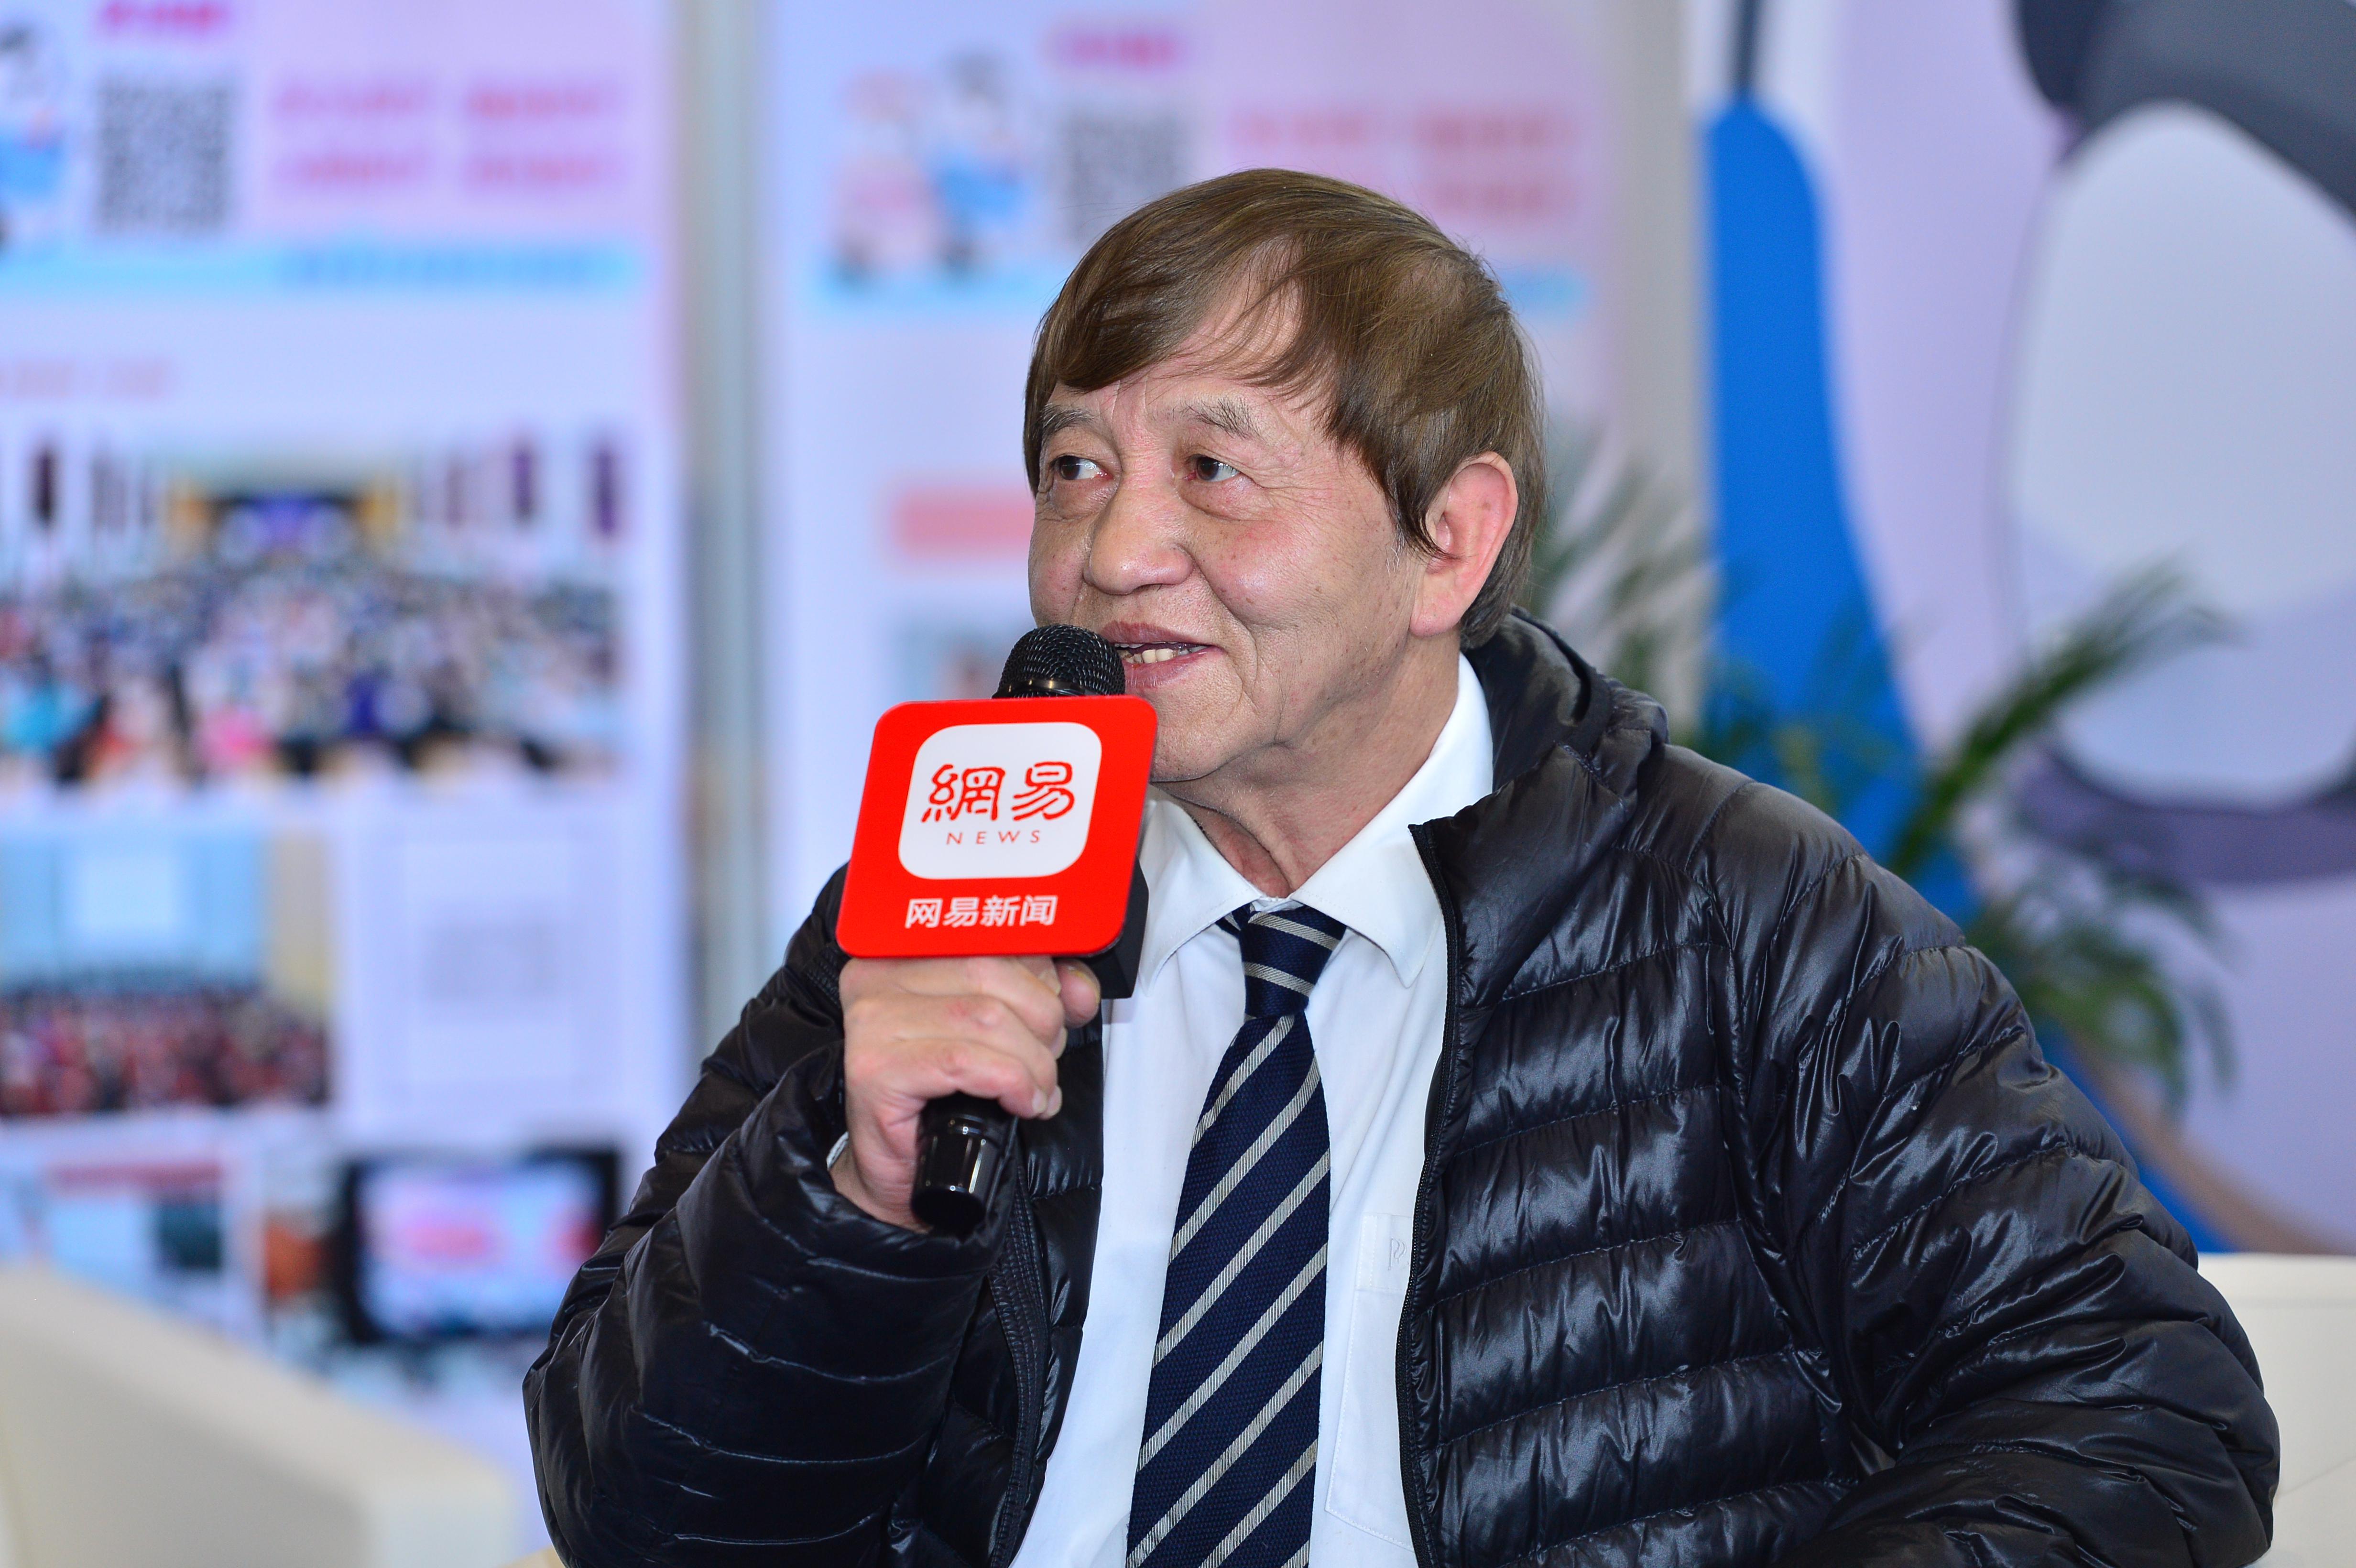 江苏省教育国际交流服务中心出国留学培训与研究中心主任刘海峰副教授